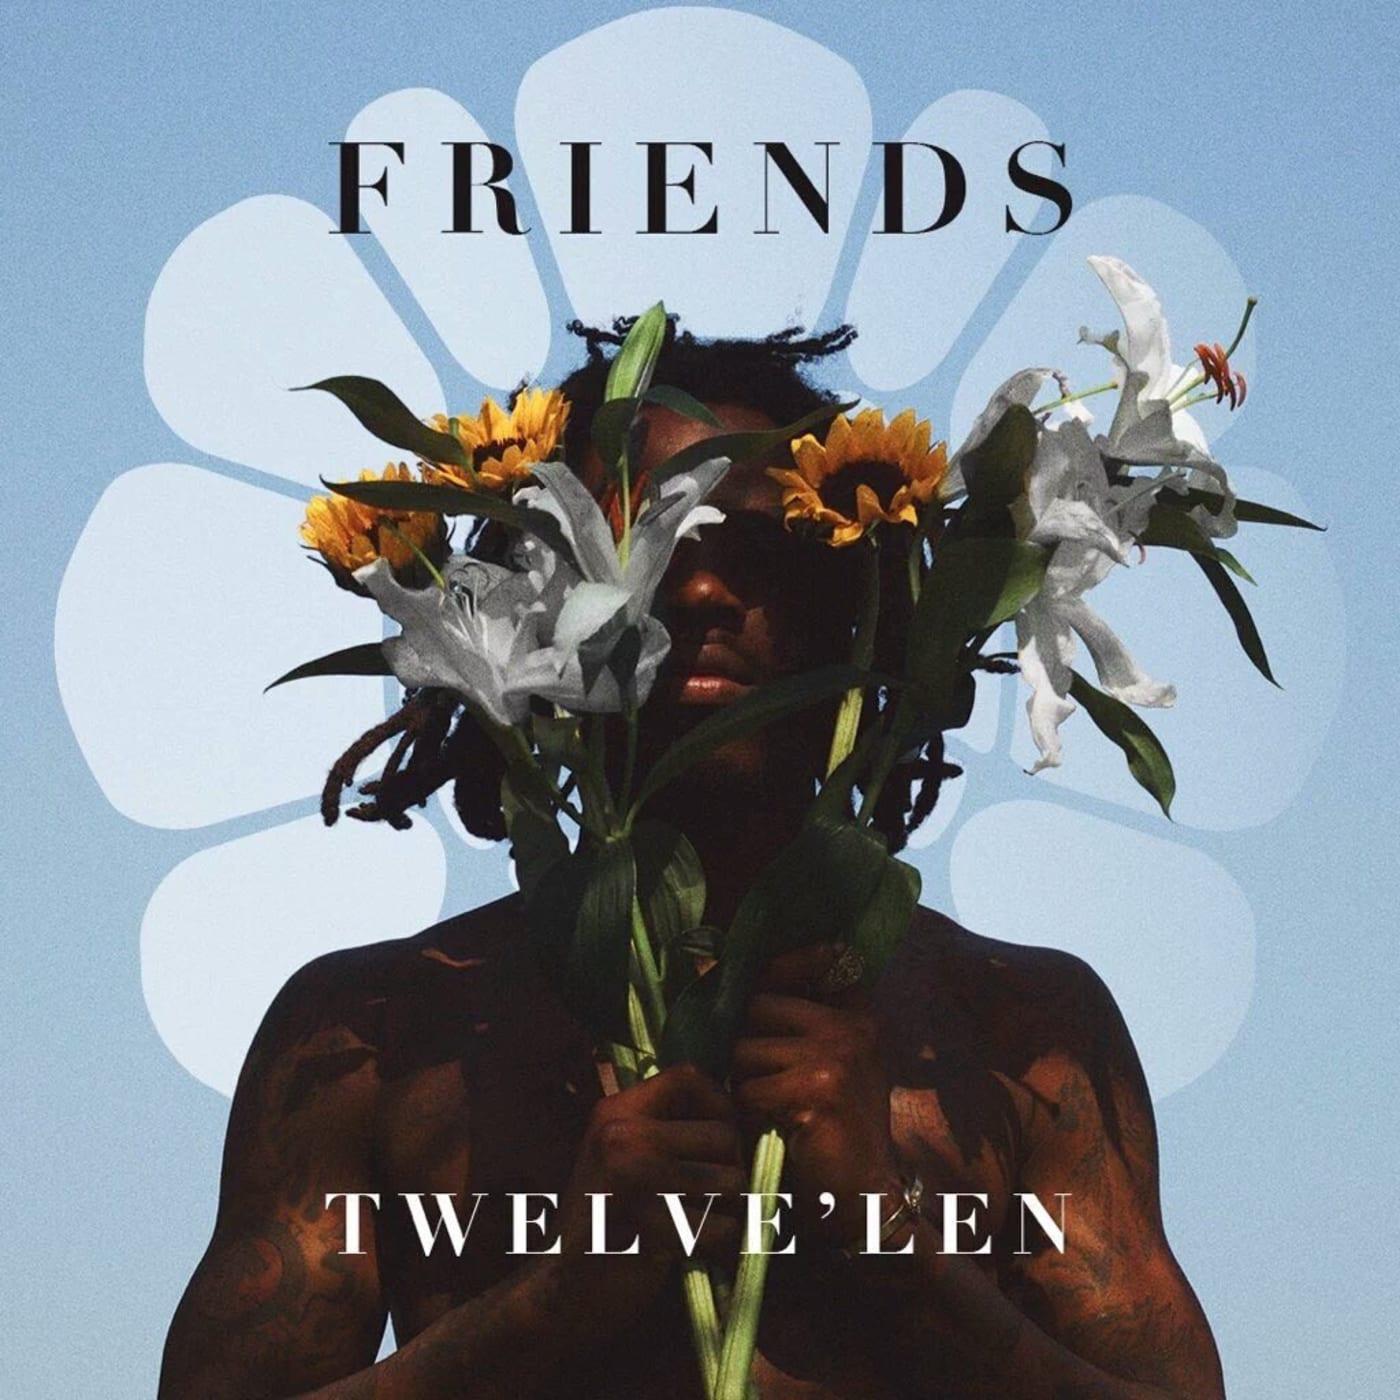 Twelve'Len cover art.